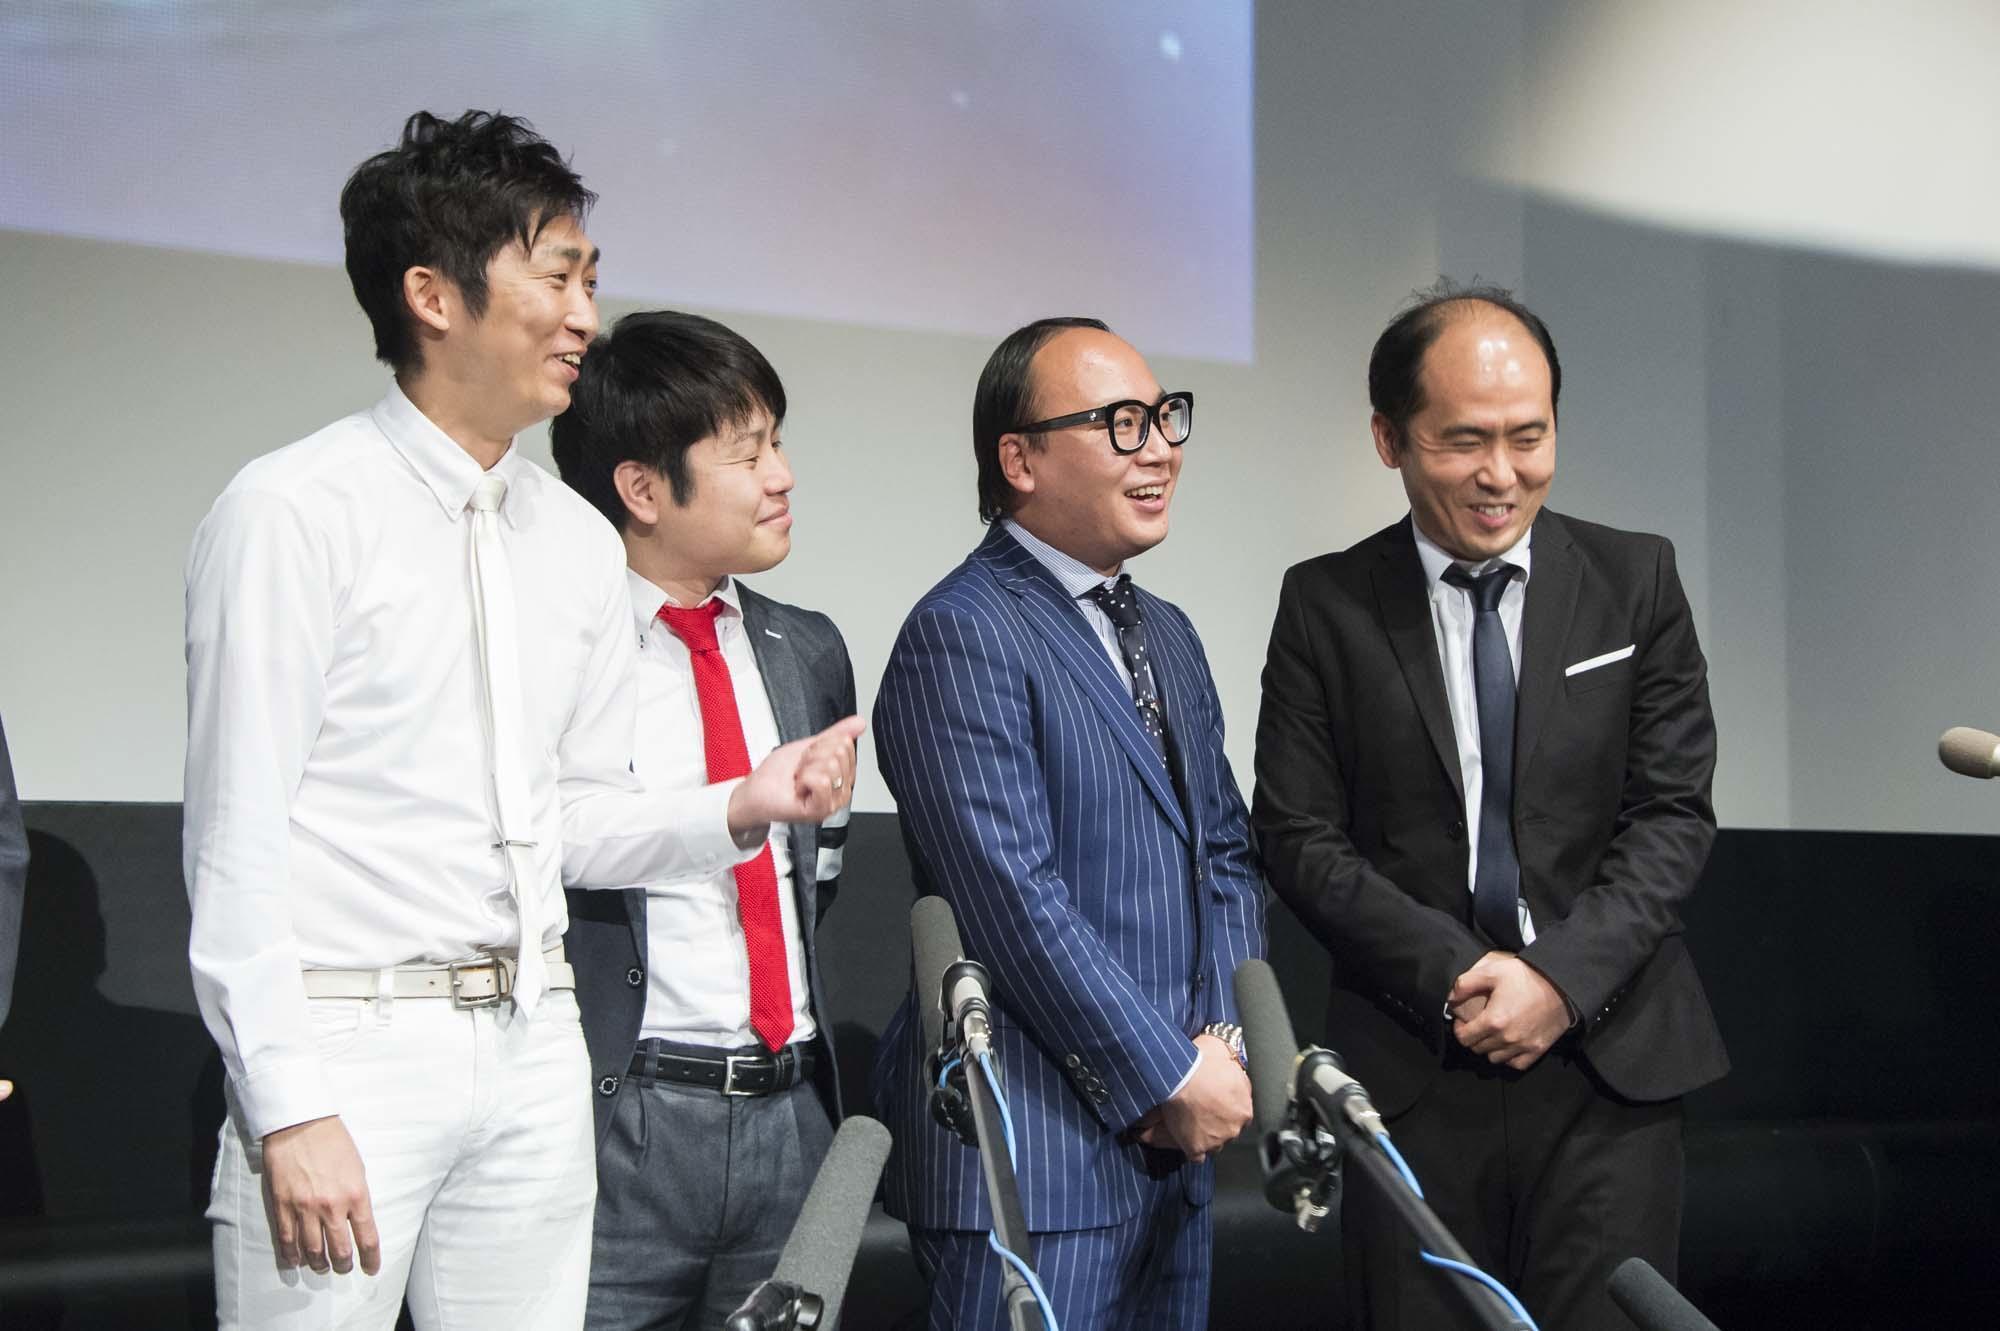 http://news.yoshimoto.co.jp/20171110142612-9d3c6cdcb7c277cded1965bc42ec4d8442695def.jpg